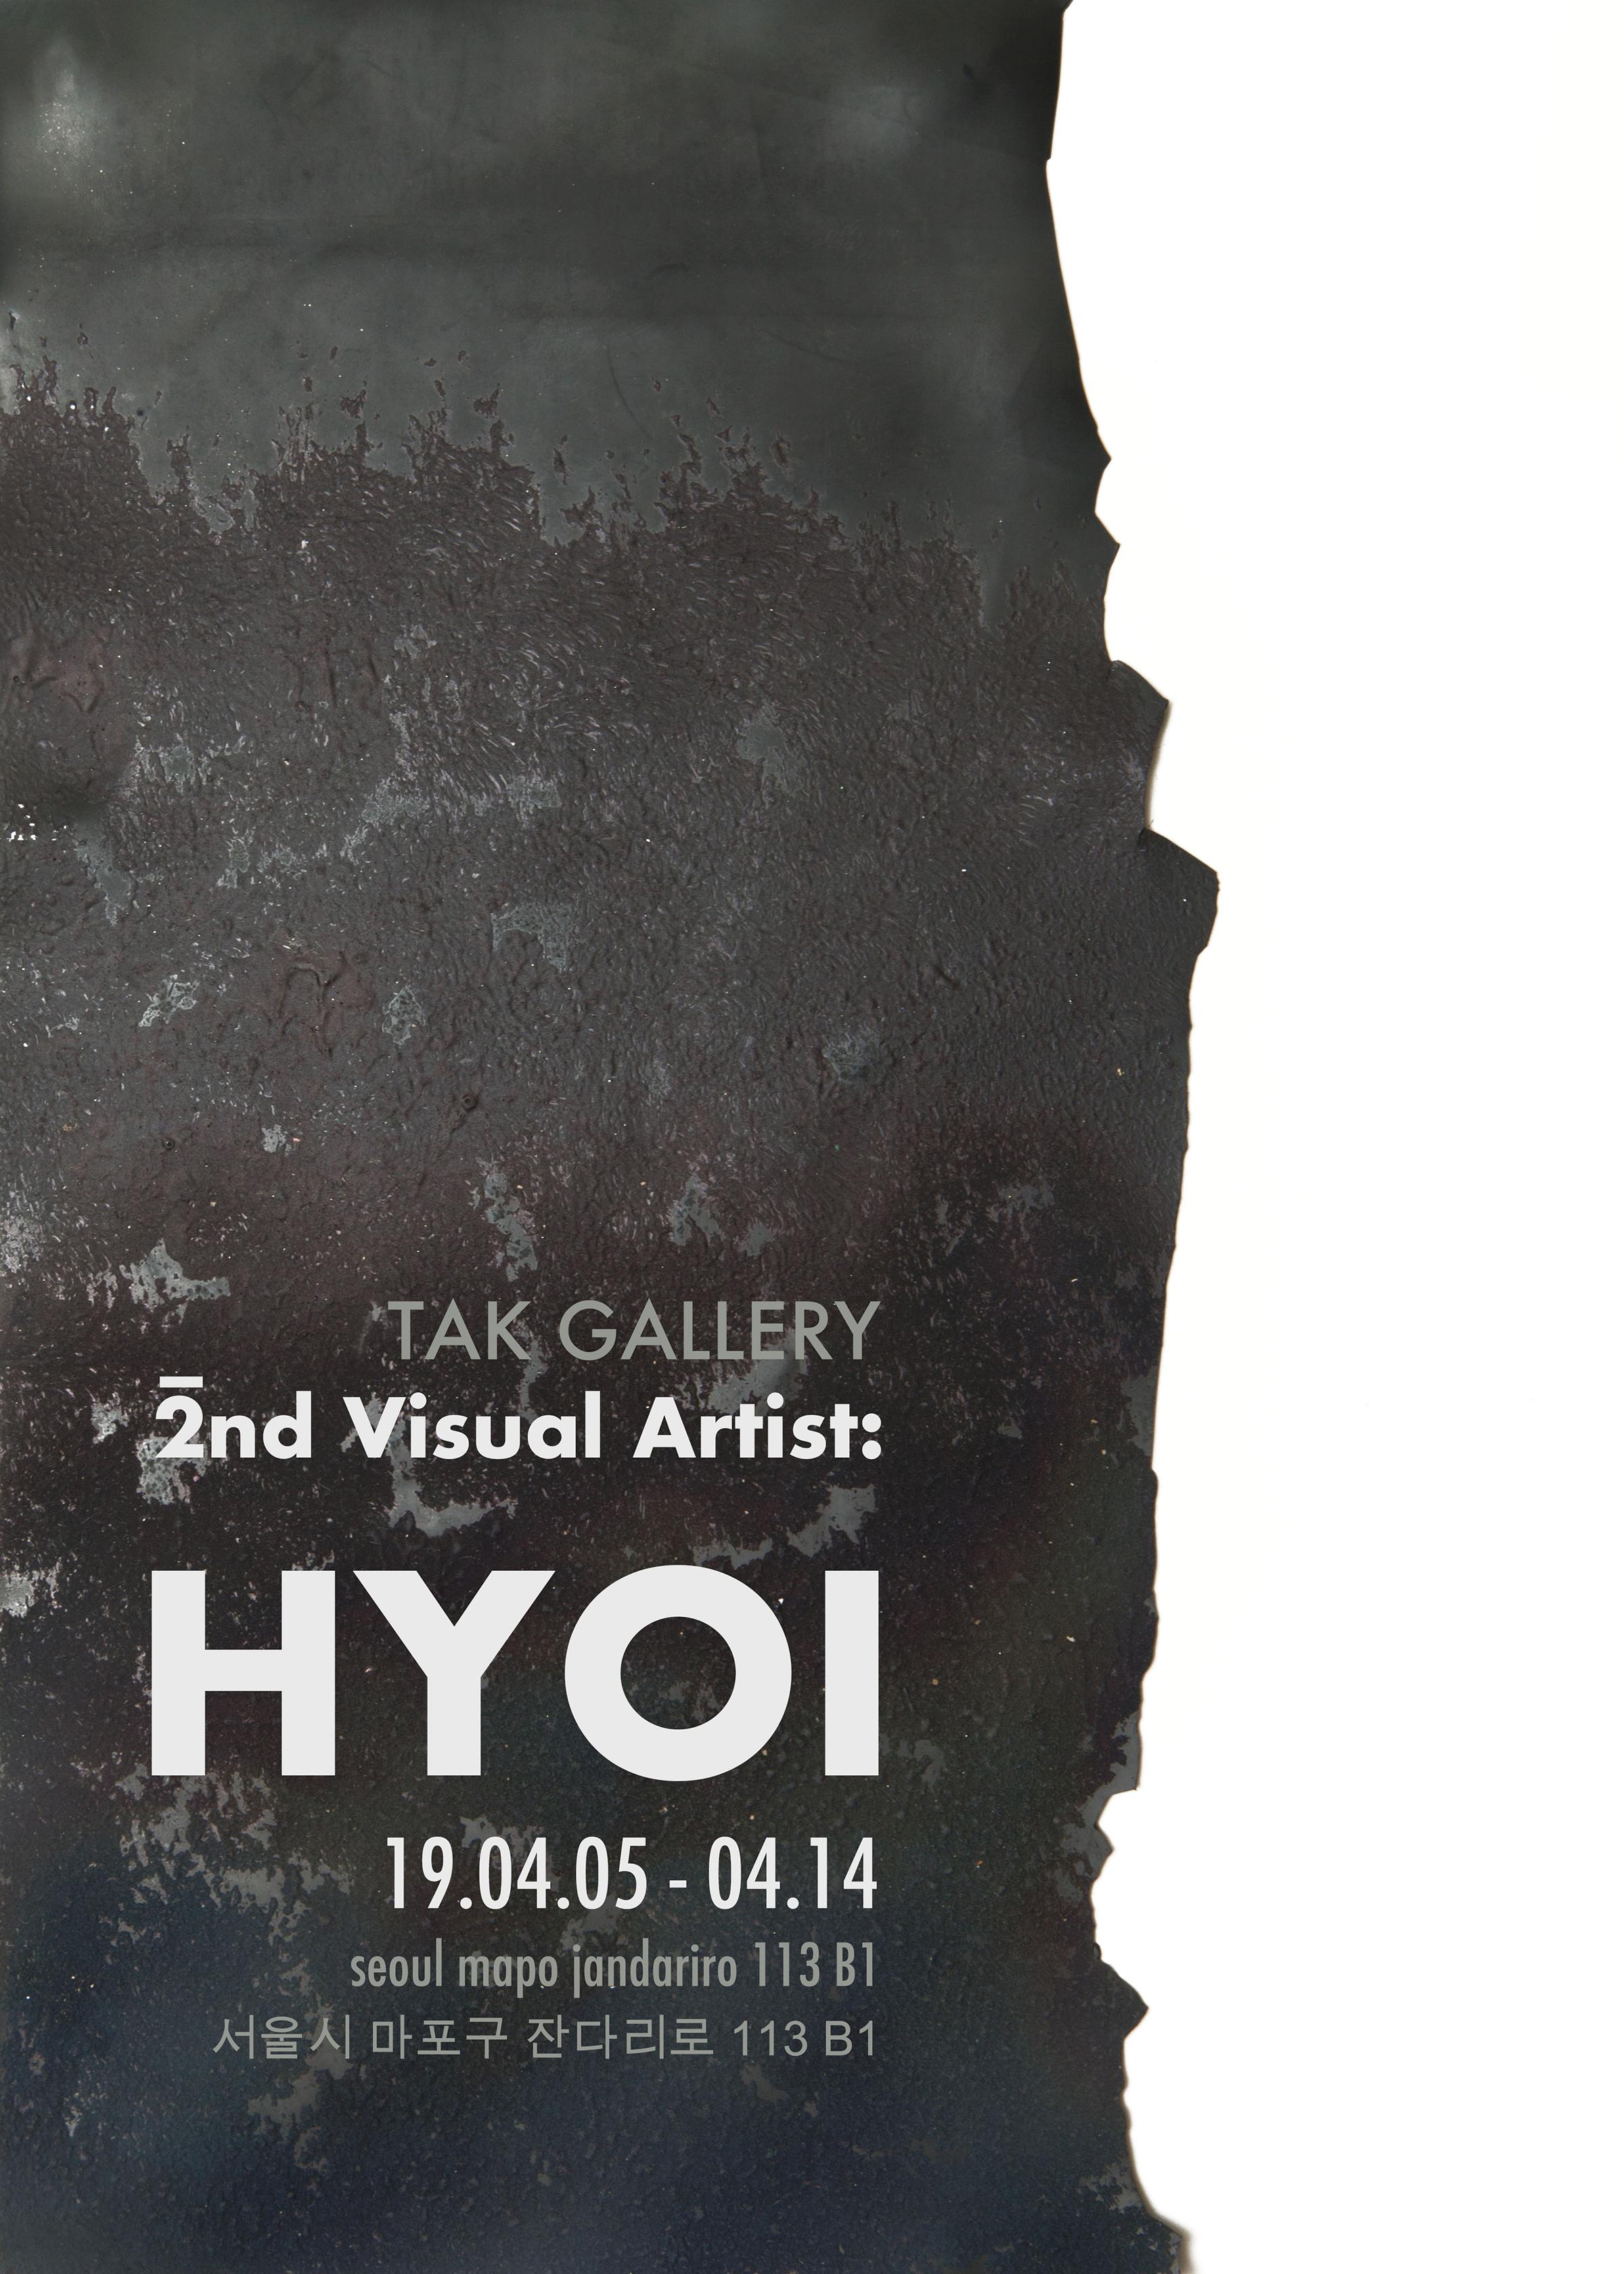 Hyoi - 2019.04.05 - 04.14